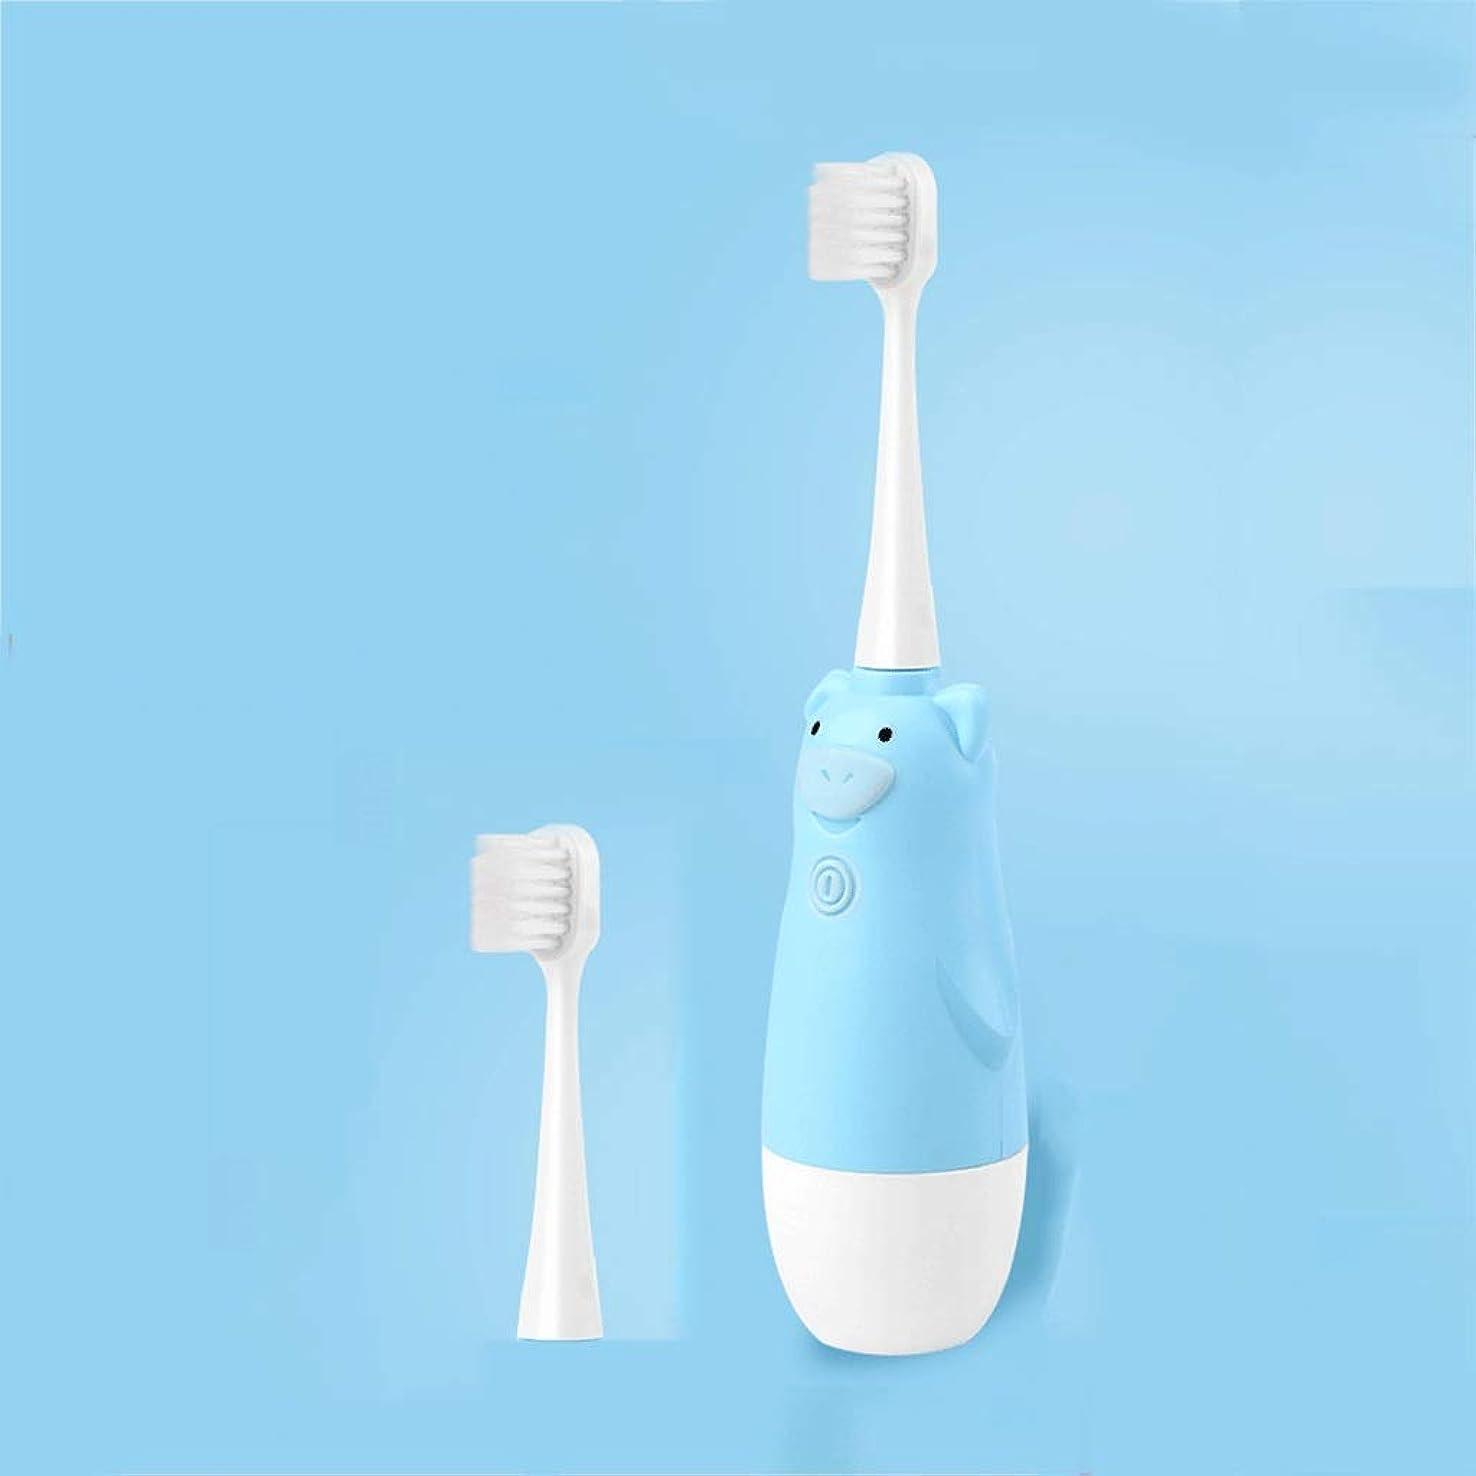 投資元気鎖電動歯ブラシ ?DDYS子供の電動歯ブラシ柔らかい髪音波振動ケア若い歯自動歯ブラシ (色 : B)